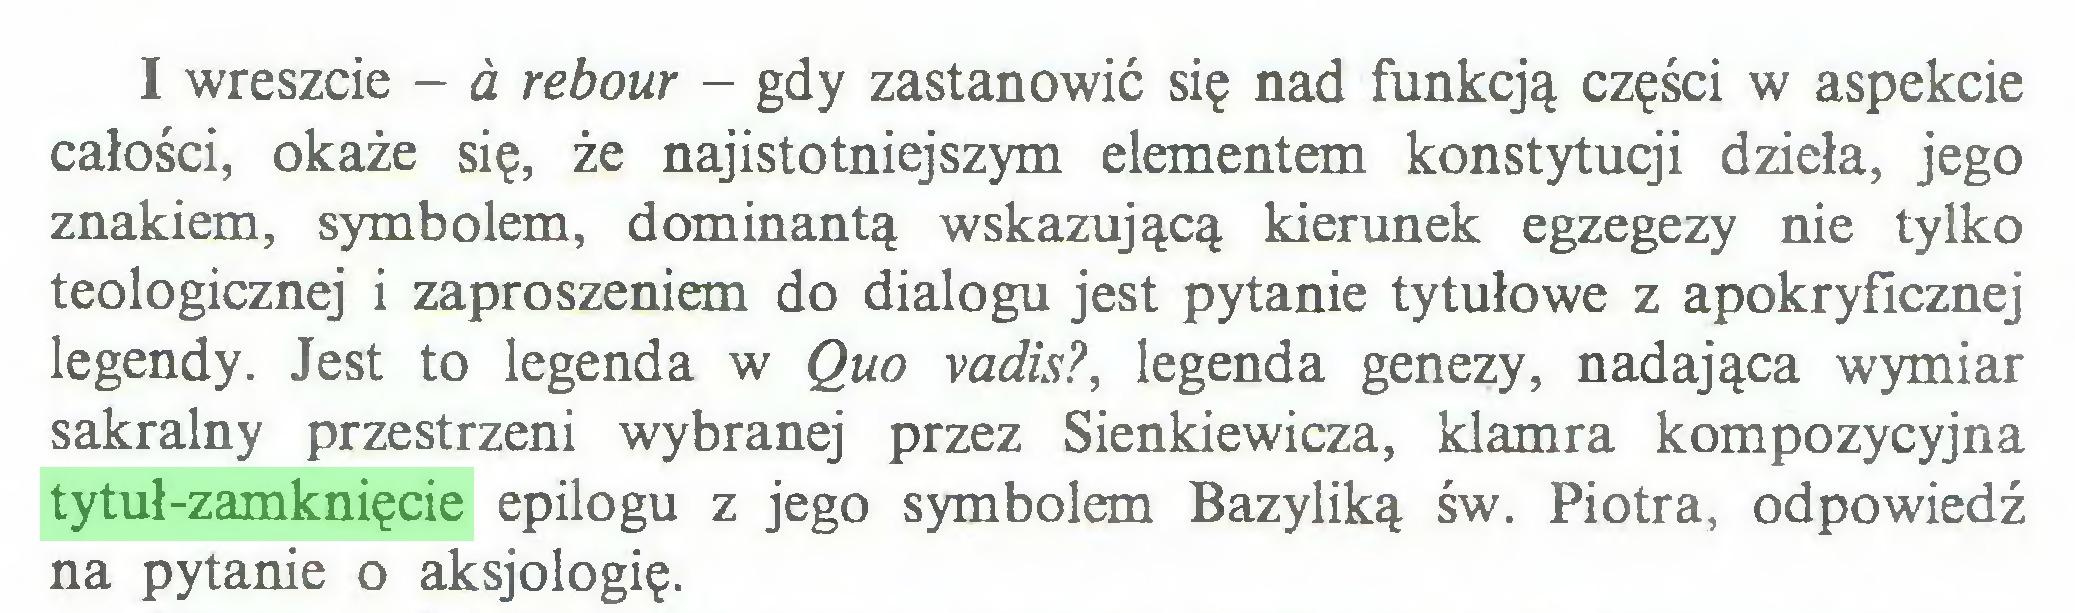 (...) I wreszcie - a rebour - gdy zastanowić się nad funkcją części w aspekcie całości, okaże się, że najistotniejszym elementem konstytucji dzieła, jego znakiem, symbolem, dominantą wskazującą kierunek egzegezy nie tylko teologicznej i zaproszeniem do dialogu jest pytanie tytułowe z apokryficznej legendy. Jest to legenda w Quo vadis?, legenda genezy, nadająca wymiar sakralny przestrzeni wybranej przez Sienkiewicza, klamra kompozycyjna tytuł-zamknięcie epilogu z jego symbolem Bazyliką św. Piotra, odpowiedź na pytanie o aksjologię...